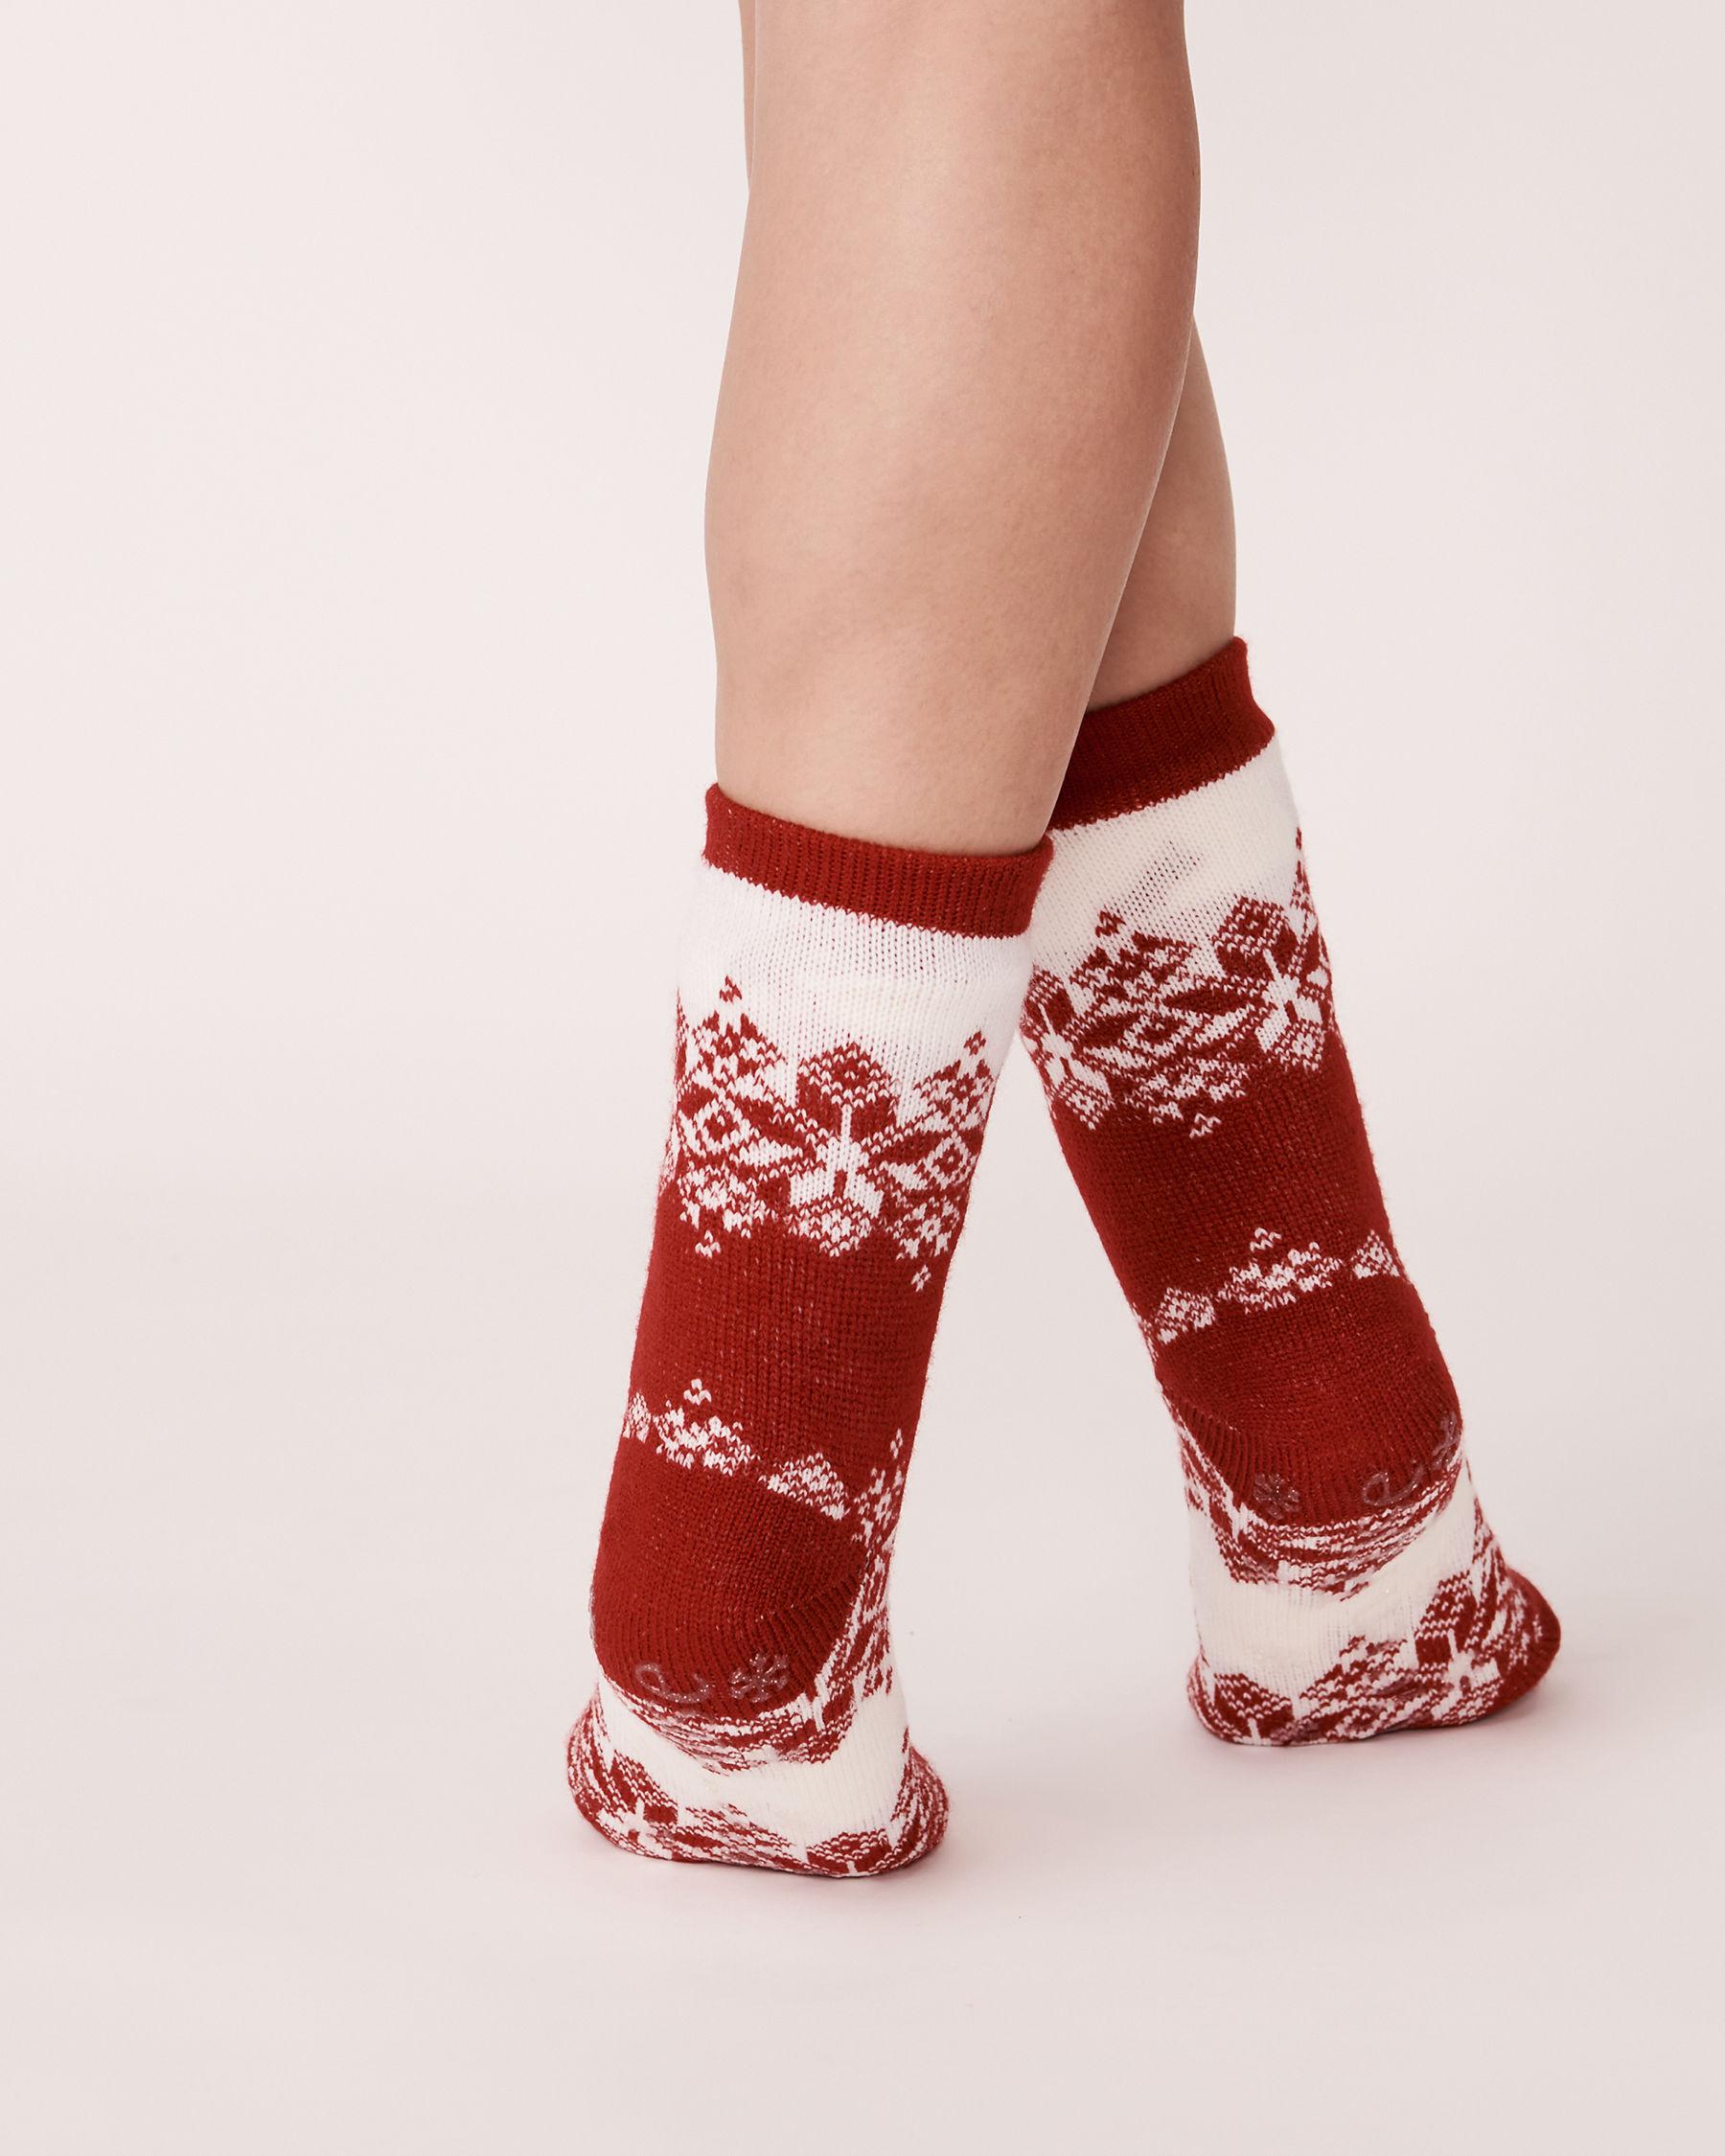 LA VIE EN ROSE Bas en tricot et sherpa imprimé nordique Hiver rouge 554-514-0-09 - Voir2